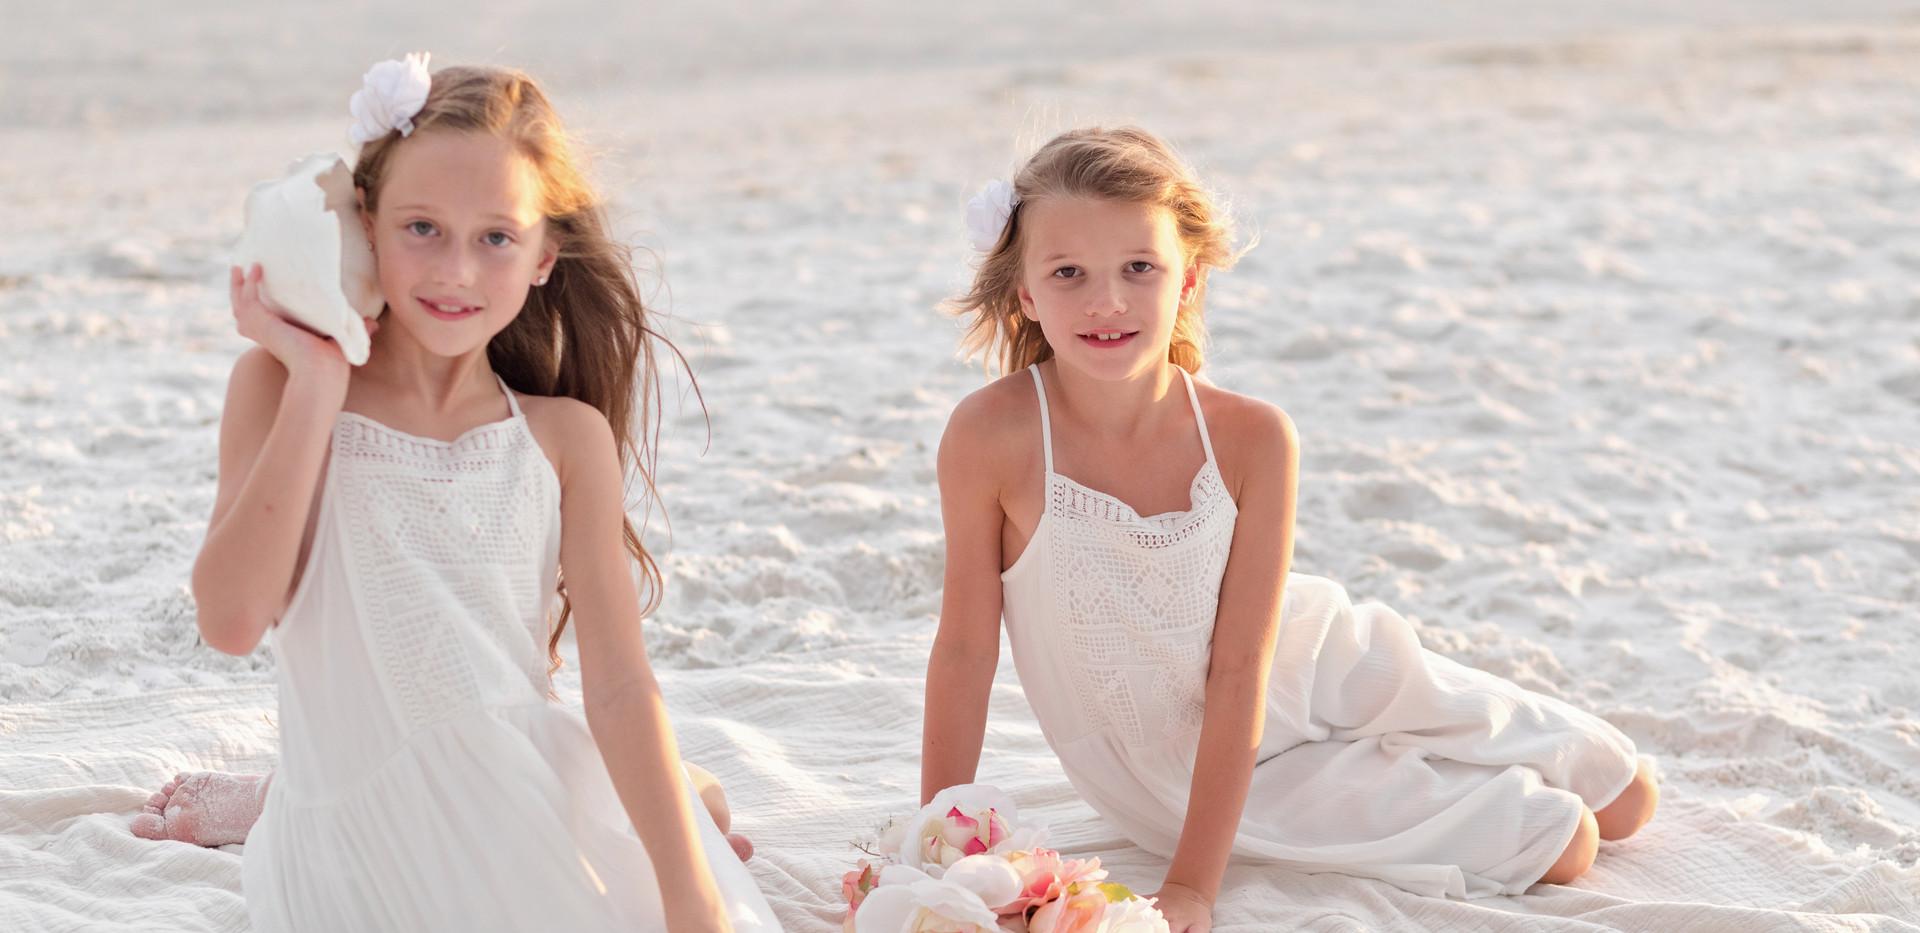 Girls Cousin Blog-32.jpg